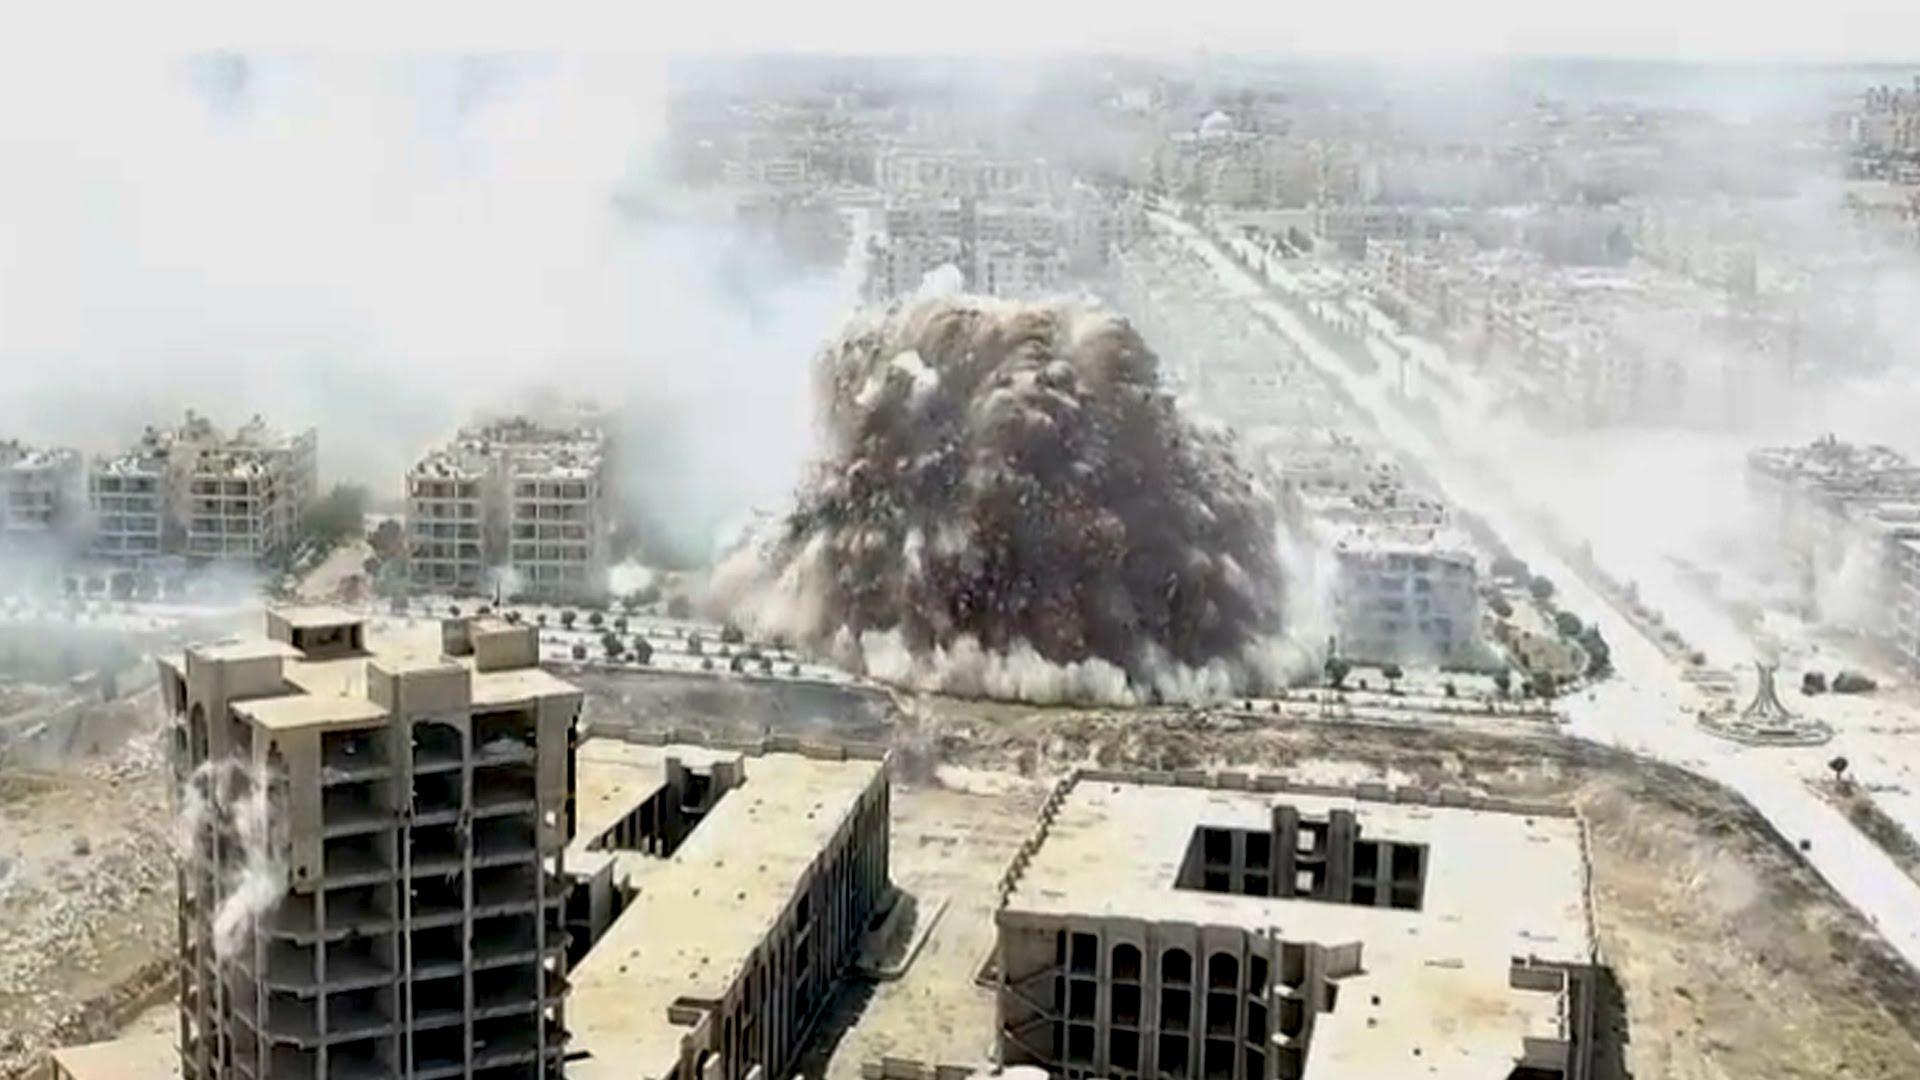 Al-Nosra, ramura a retelei Al-Qaida, ar fi detonat o bomba intr-un tunel din Alep. Explozia uriasa surprinsa cu o drona